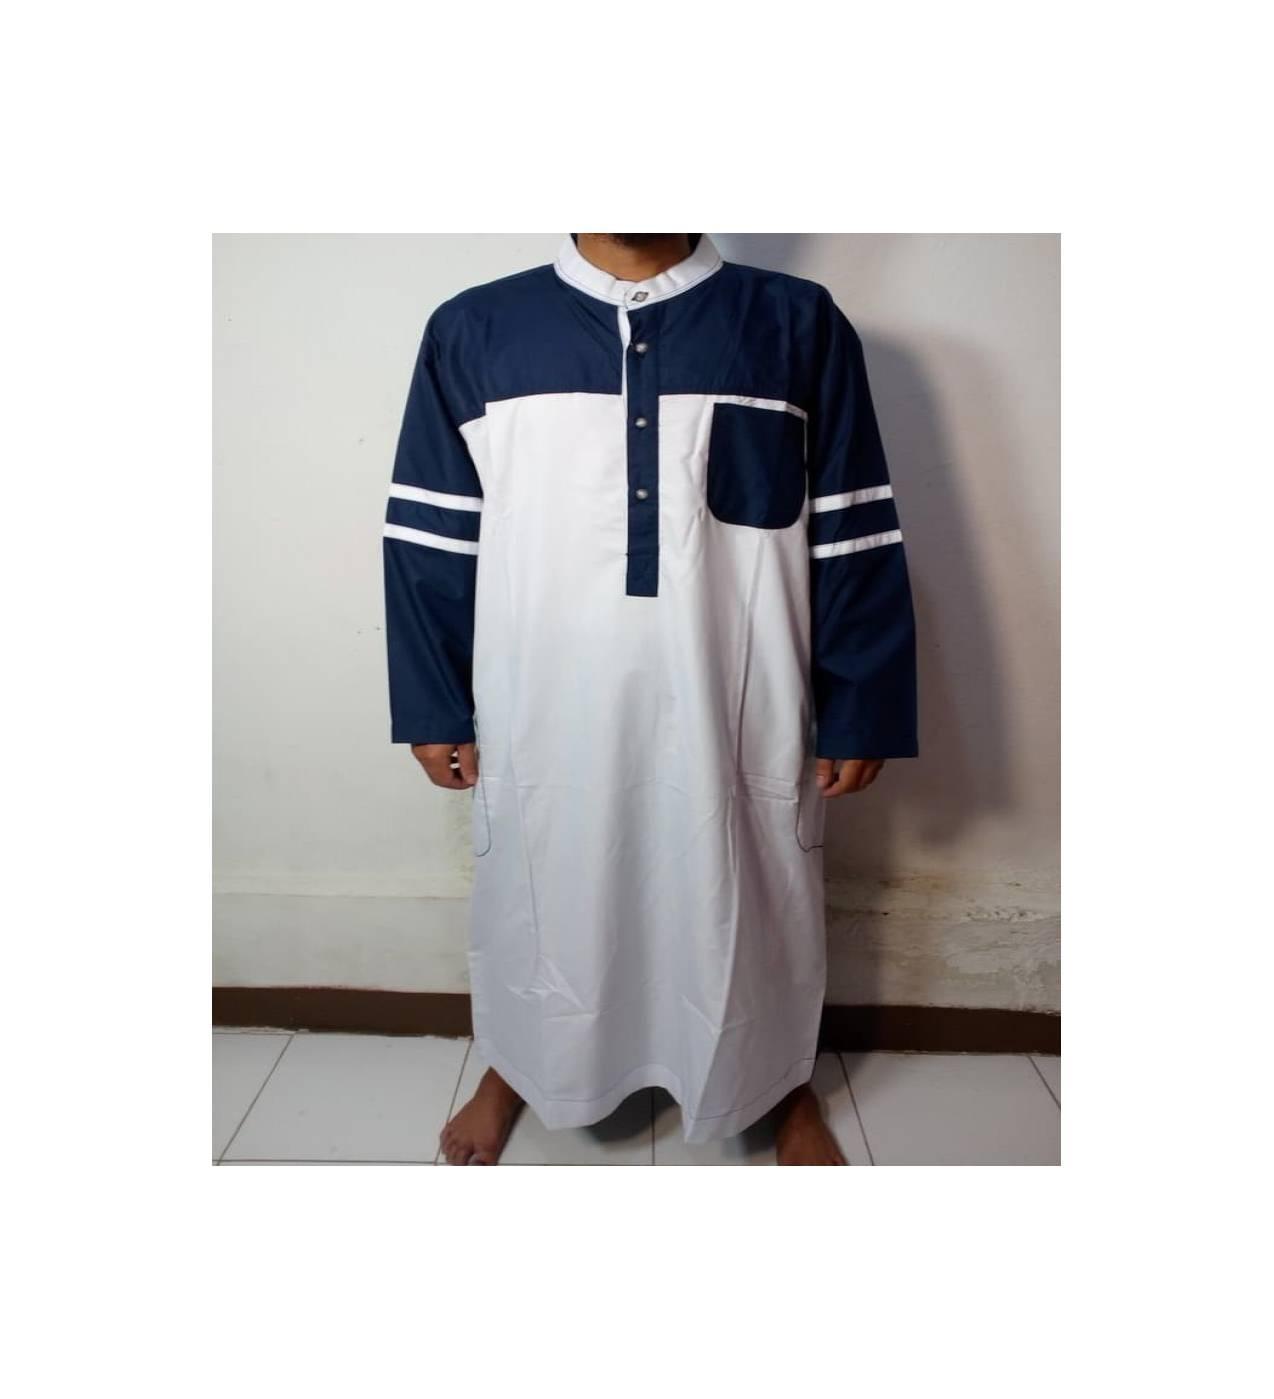 Baju Gamis-Baju Jubah Pria Warna putih-biru navi Lengan Garis-Samase